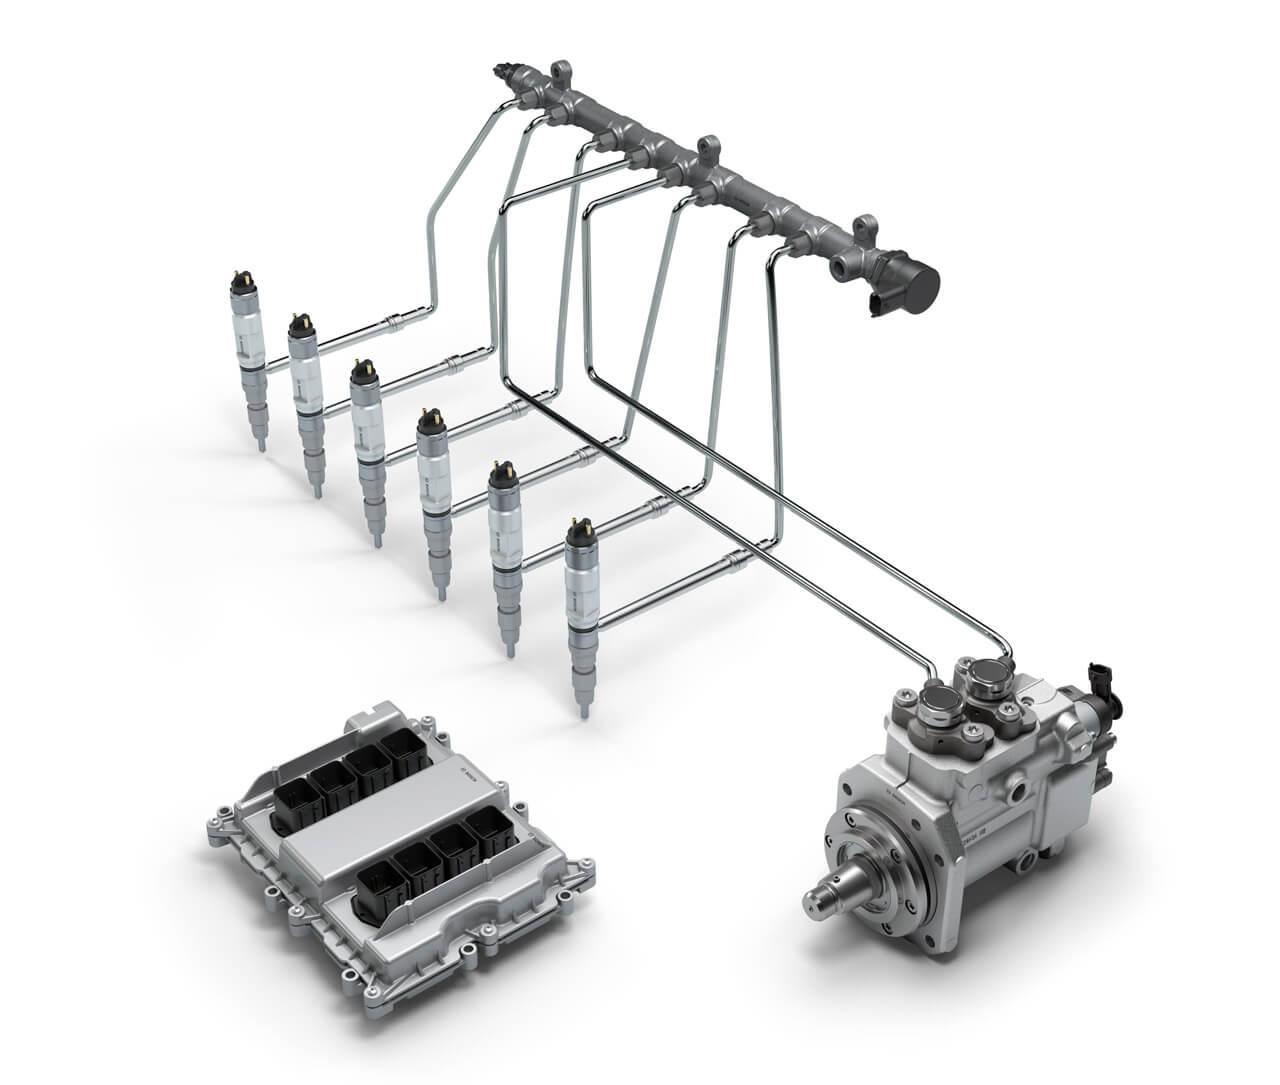 A Bosch moduláris befecskendezője az új erőforrás lelke